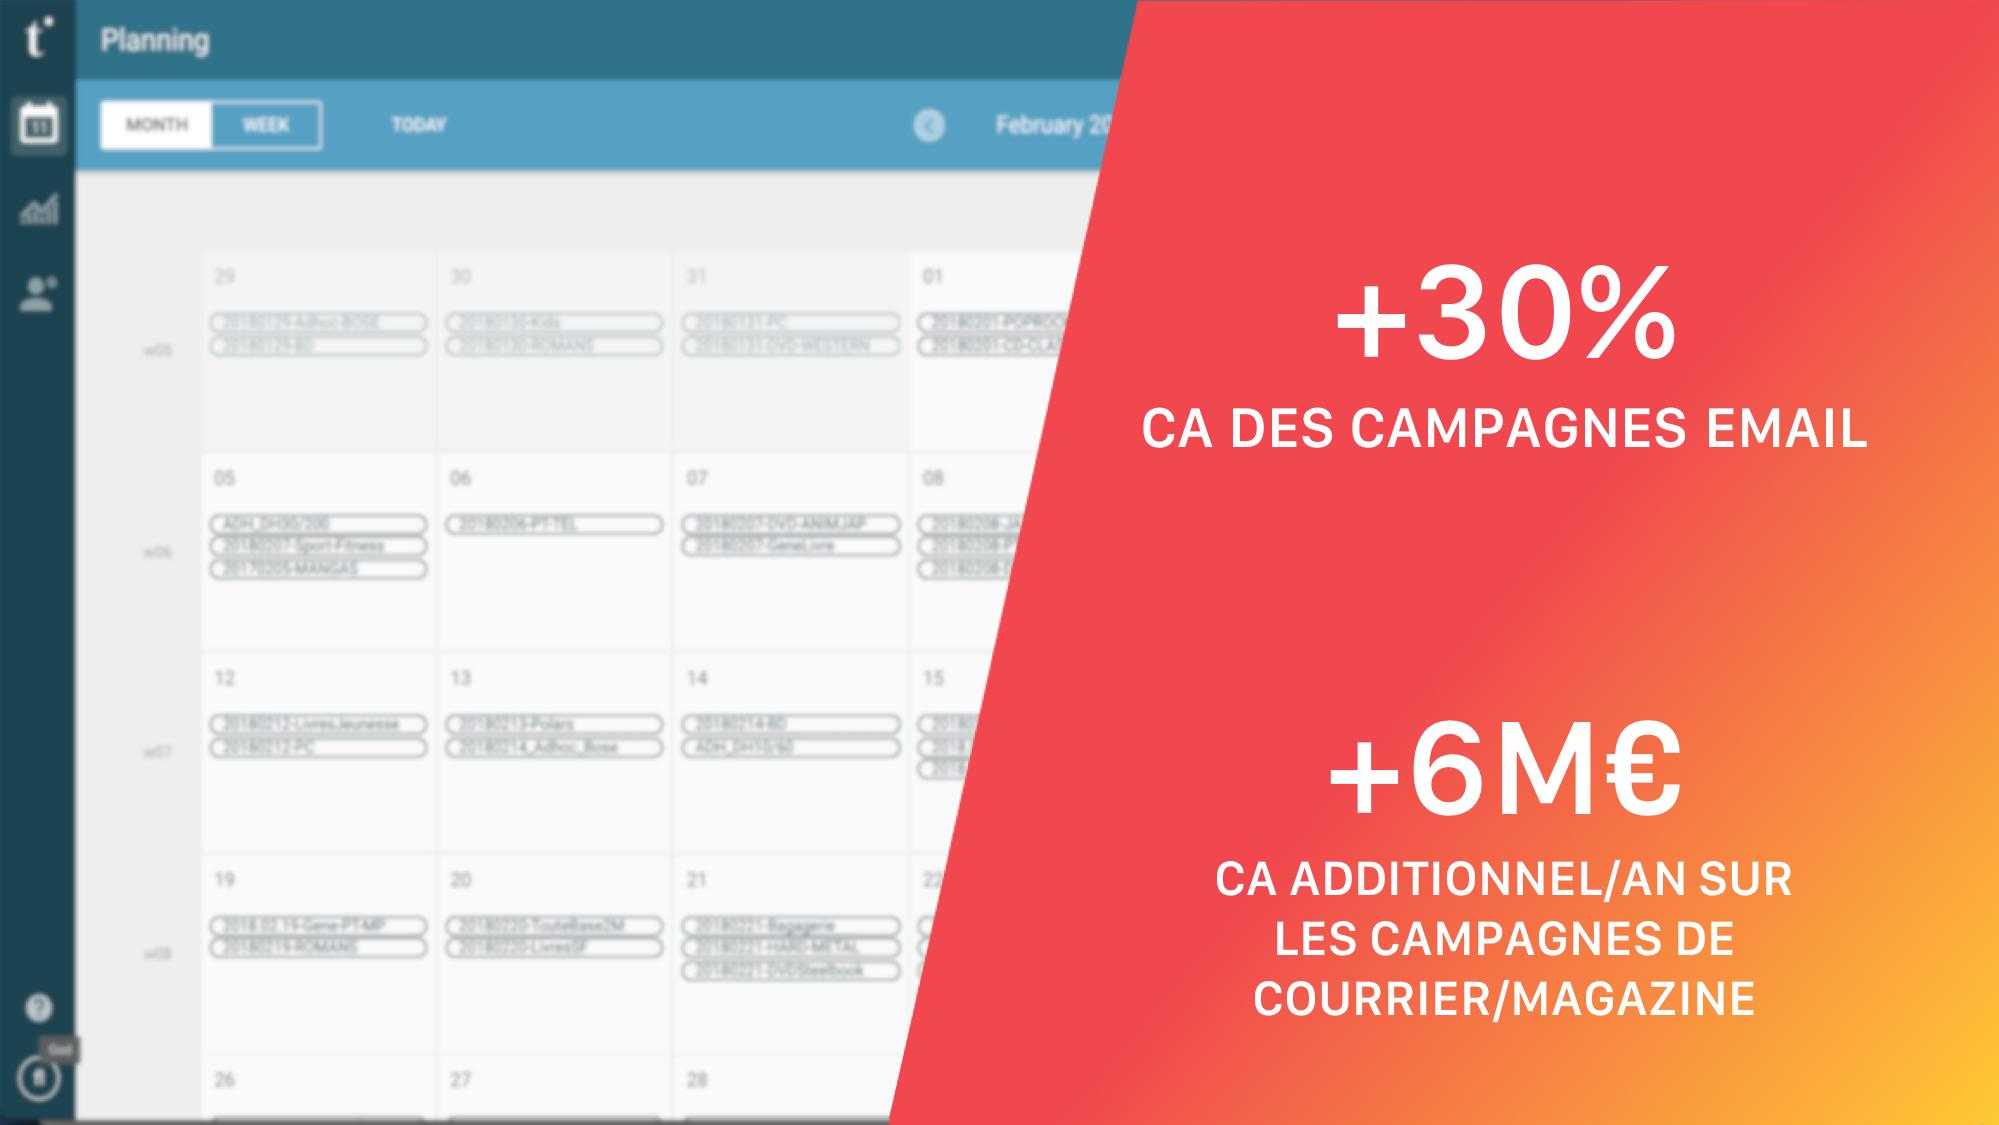 Fnac Darty : Optimisation des campagnes CRM